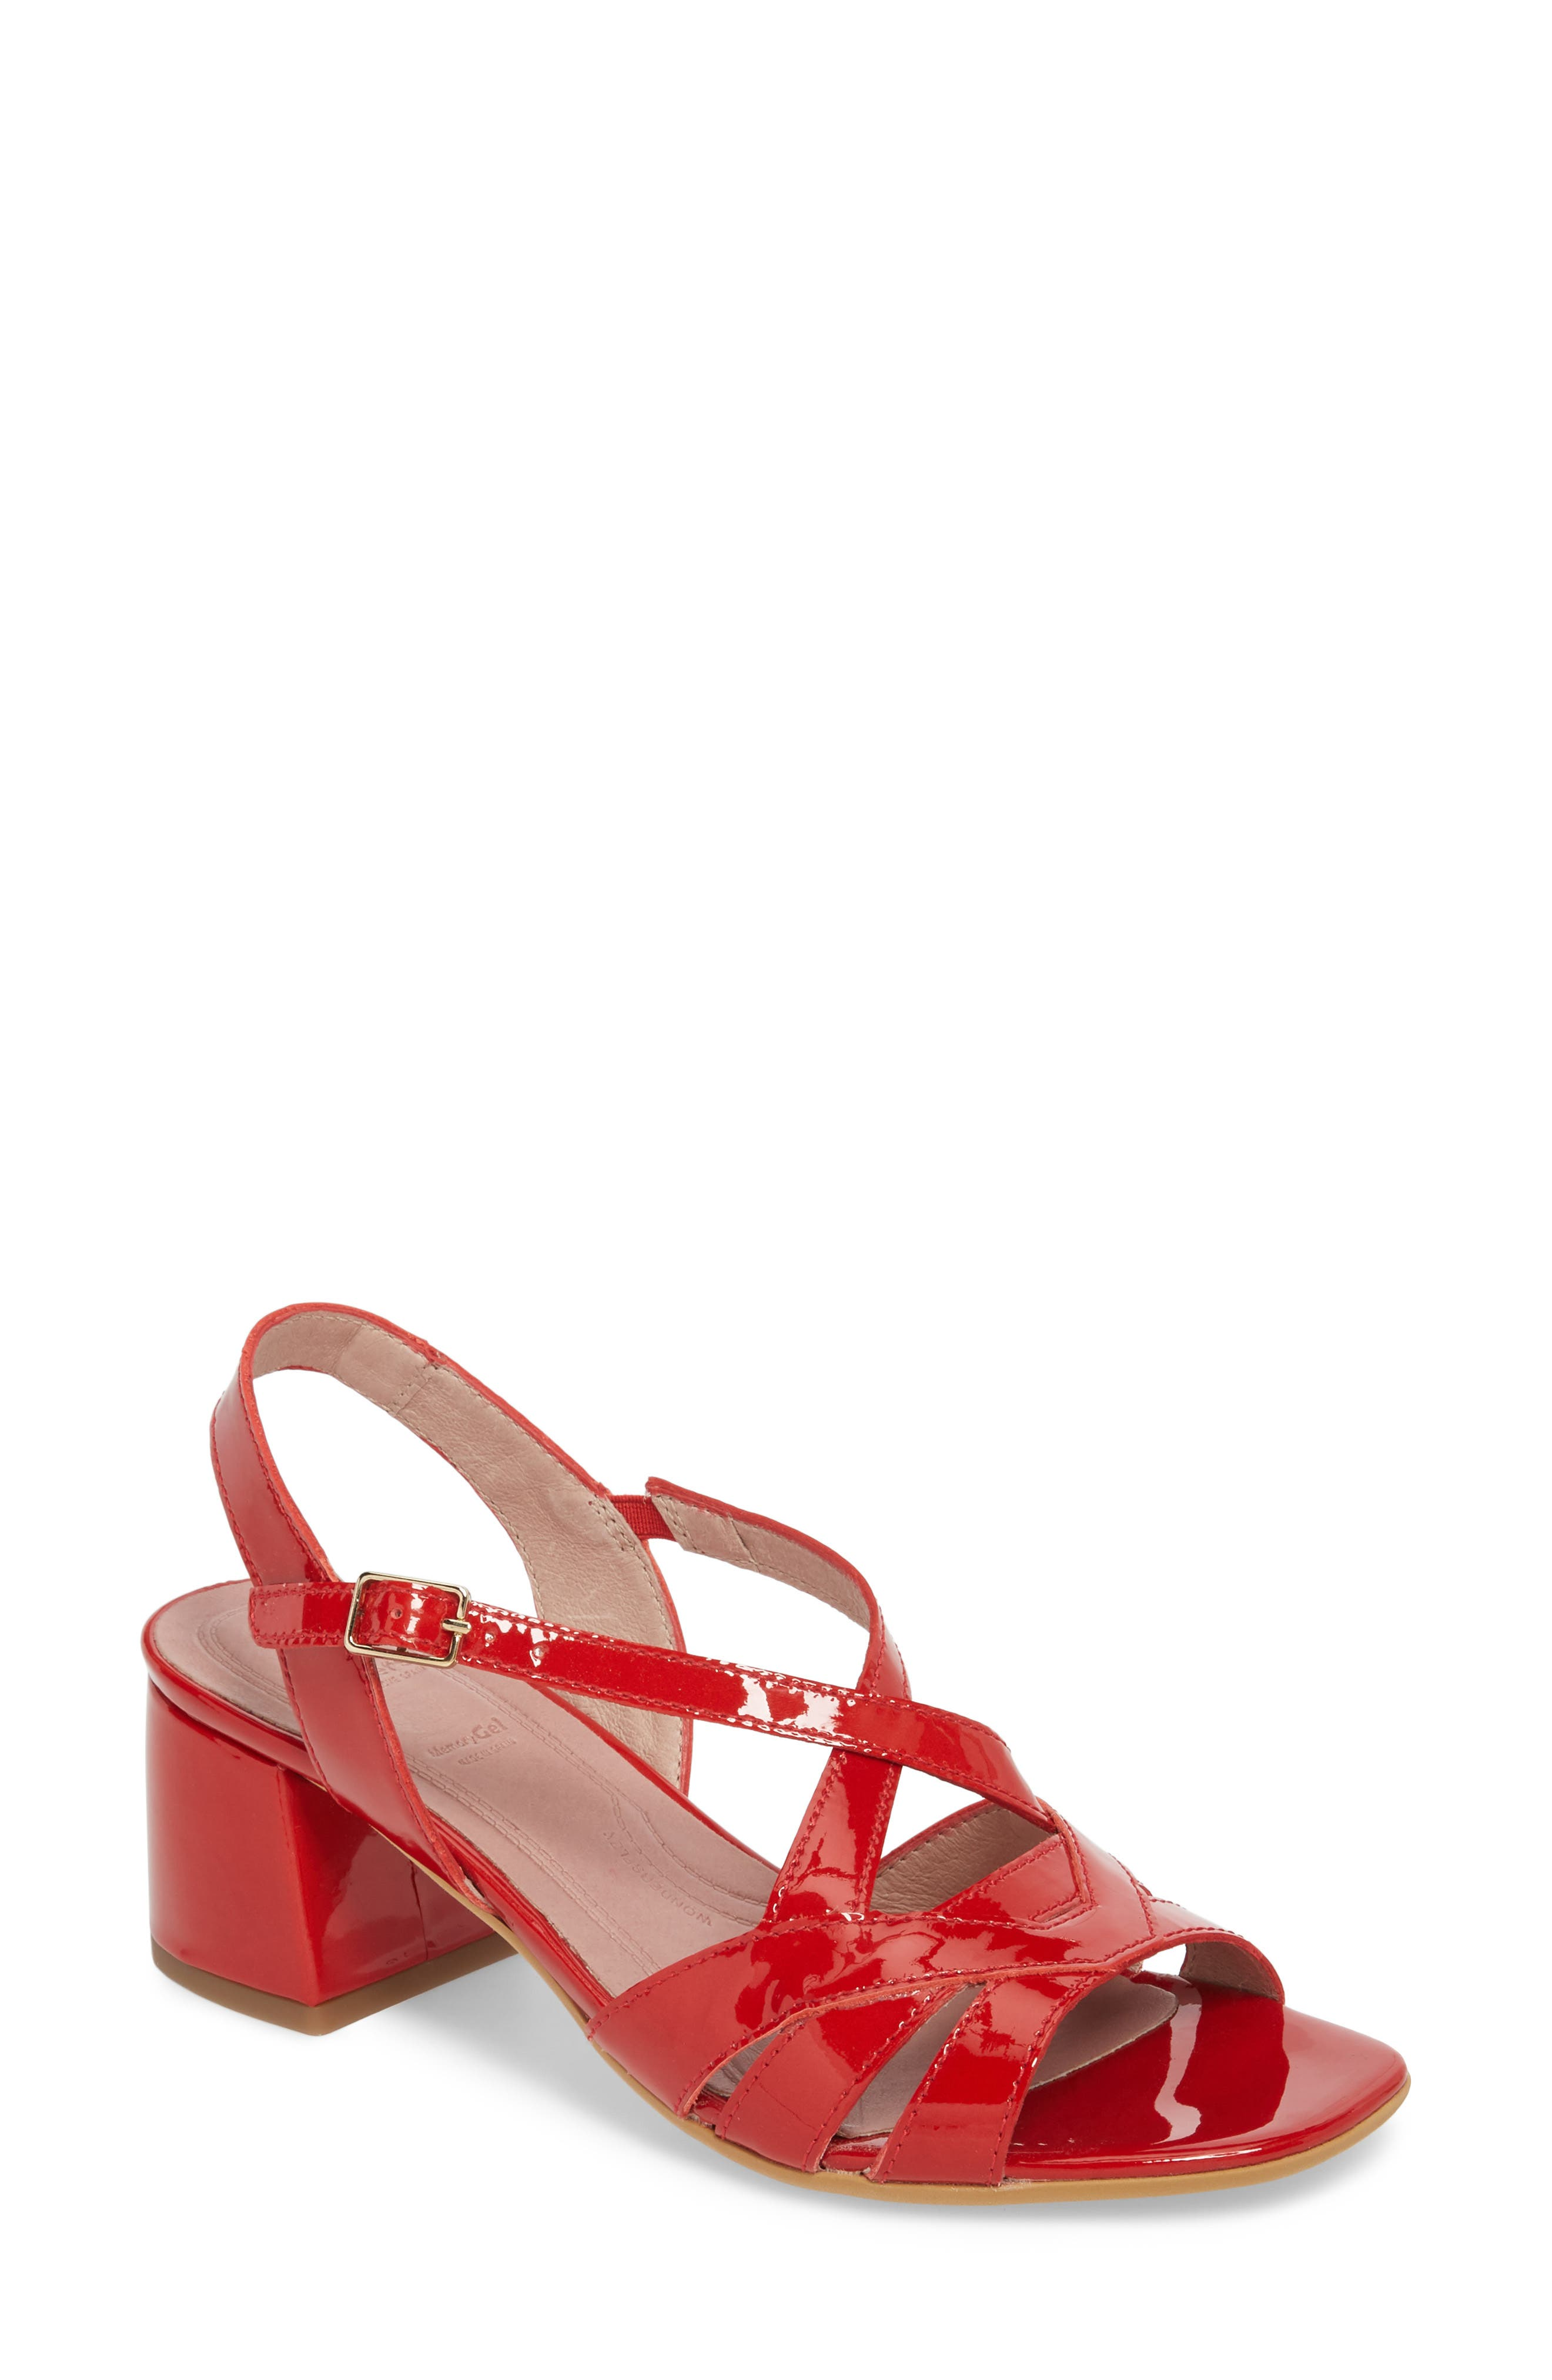 Vintage Style Shoes, Vintage Inspired Shoes Womens Wonders Block Heel Sandal Size 9.5-10US  41EU - Red $199.95 AT vintagedancer.com